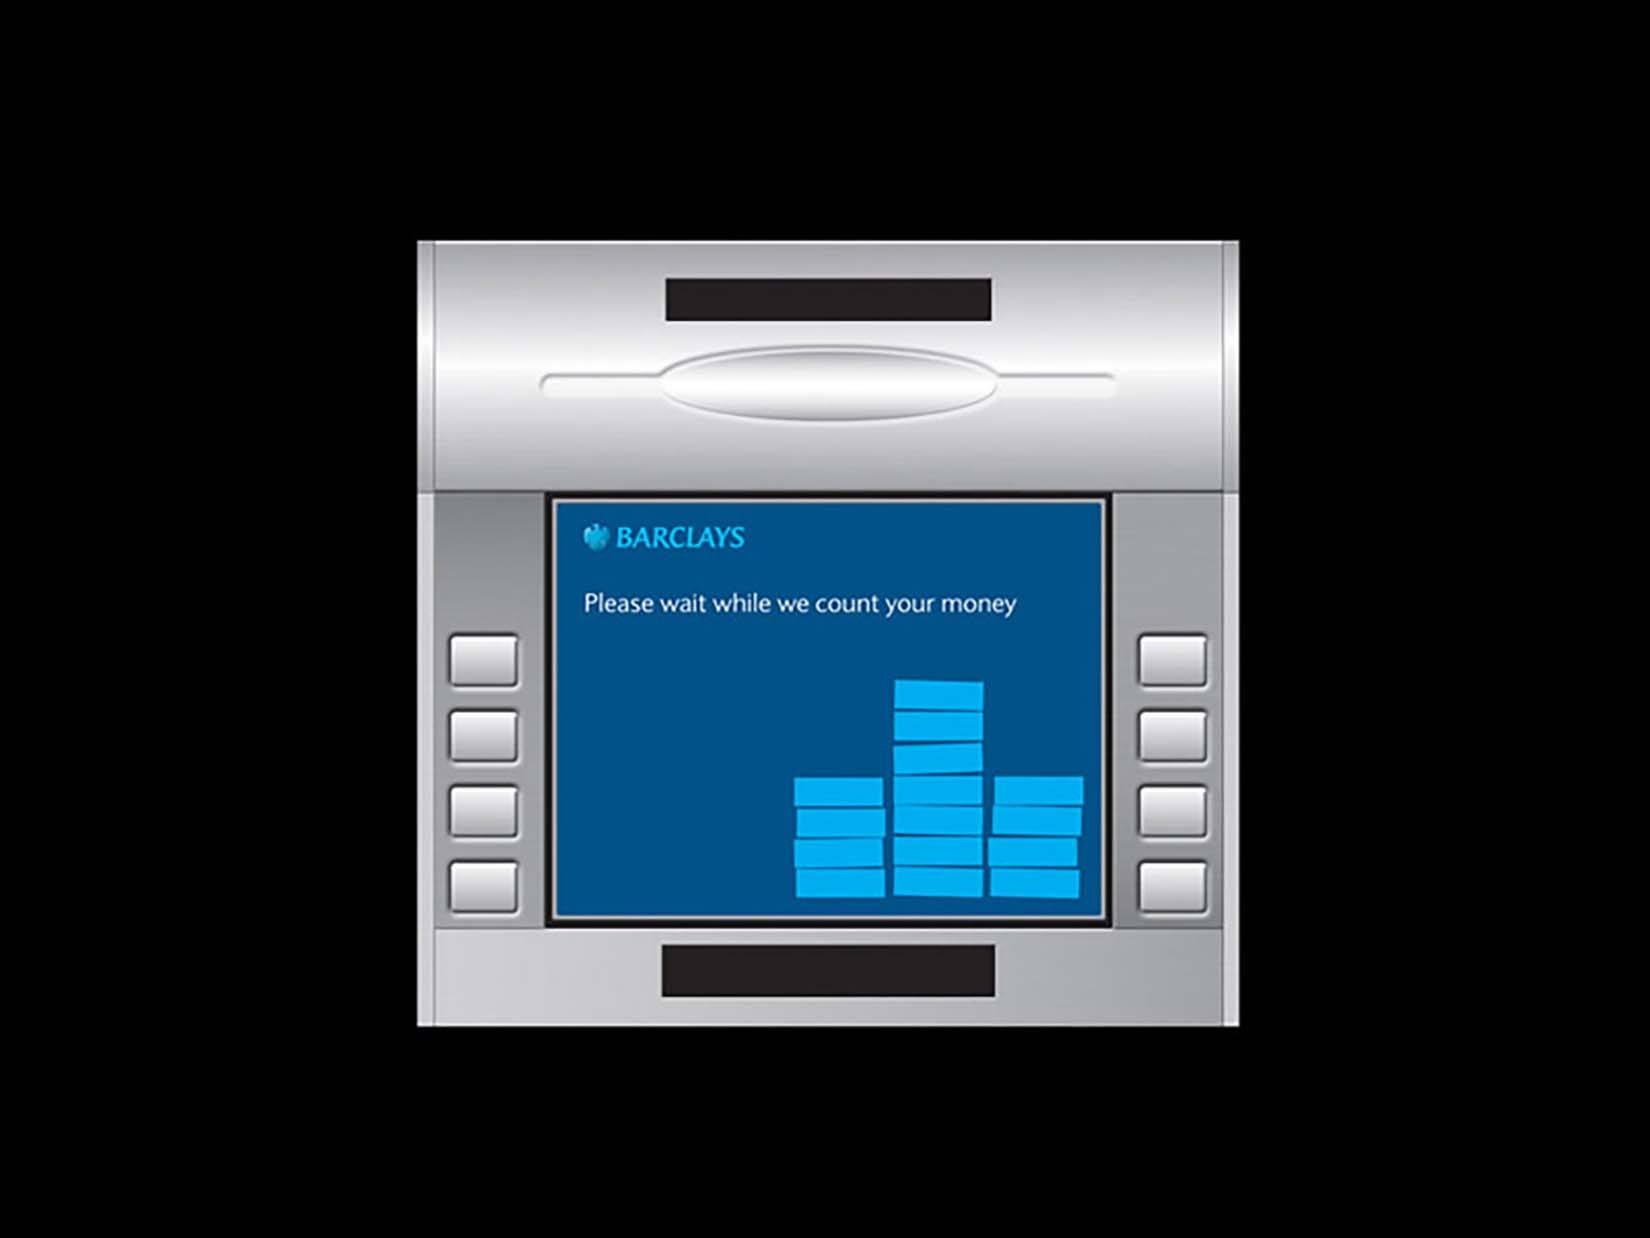 WMH-BARCLAYS-ATM-WEB image